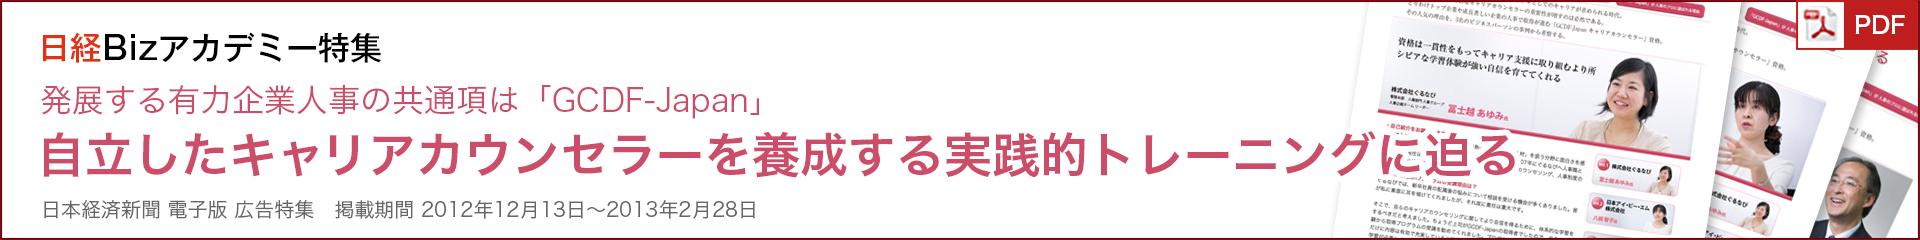 日経Bizアカデミー特集 発展する有力企業人事の共通項は「GCDF-Japan」自立したキャリアカウンセラーを養成する実践的トレーニングに迫る